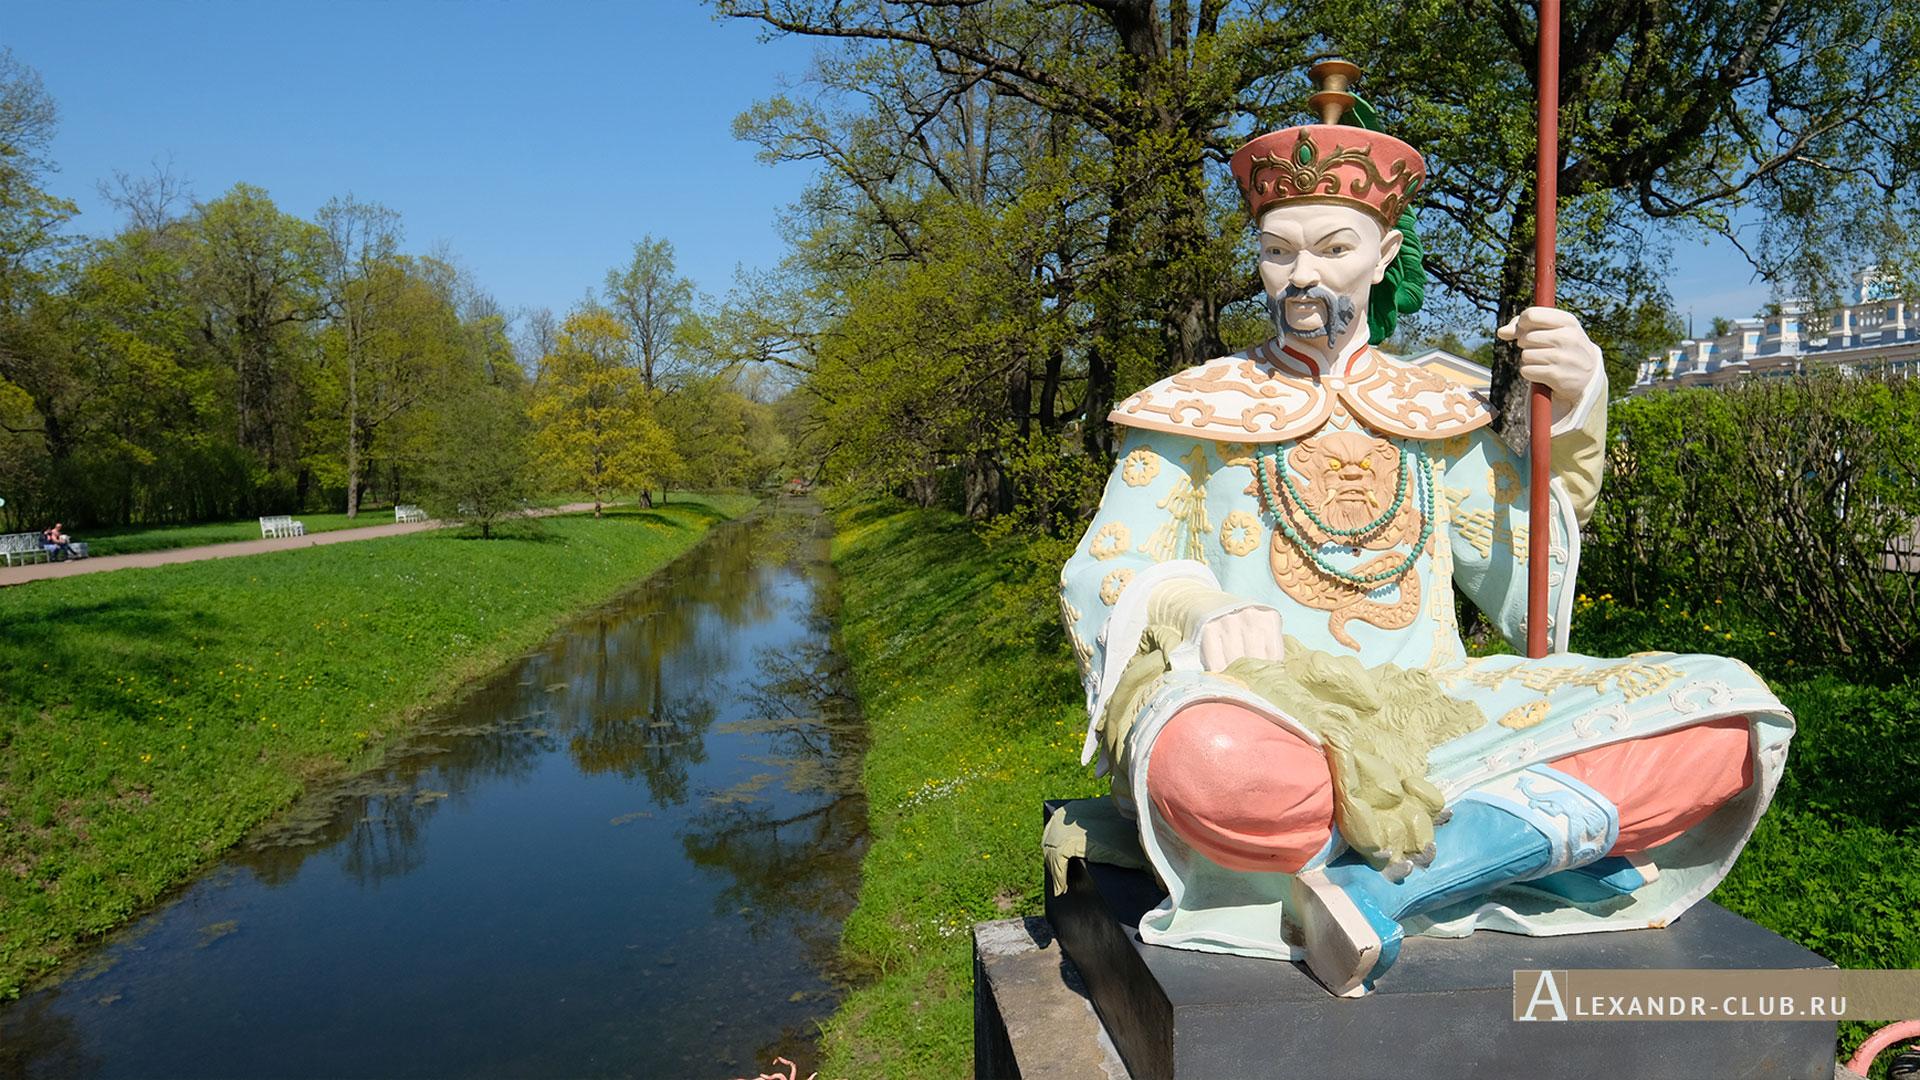 Царское Село, Александровский парк, весна, Большой китайский мост